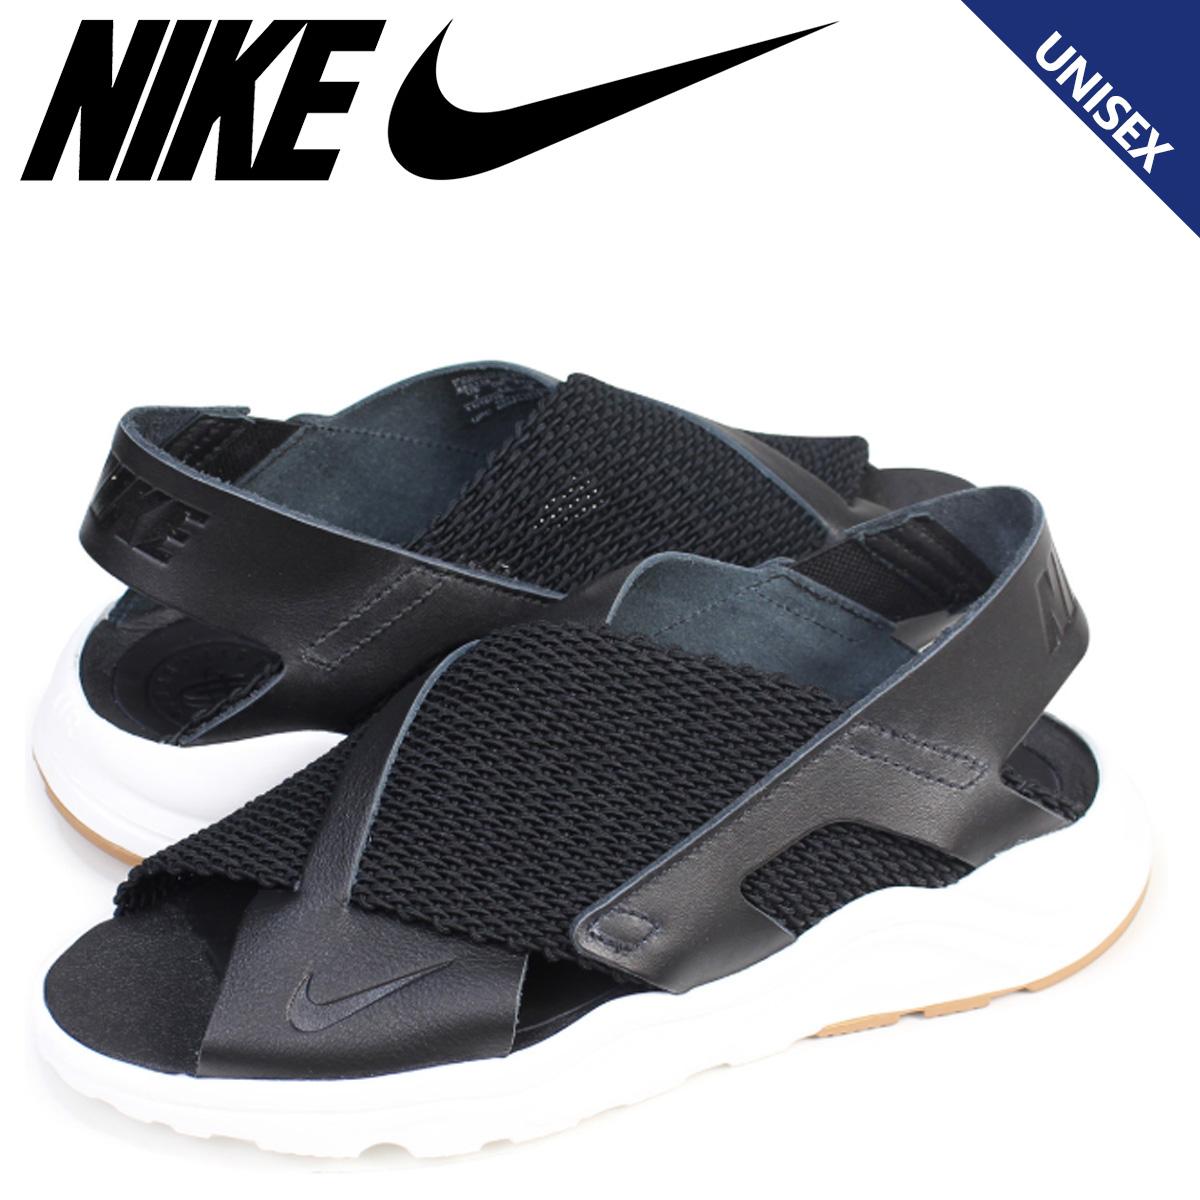 【大注目】 NIKE ナイキ エア ハラチ ウルトラ ナイキ W レディース メンズ 885118-001 サンダル W AIR HUARACHE ULTRA 885118-001 靴 ブラック, ウイング:afd88085 --- supercanaltv.zonalivresh.dominiotemporario.com